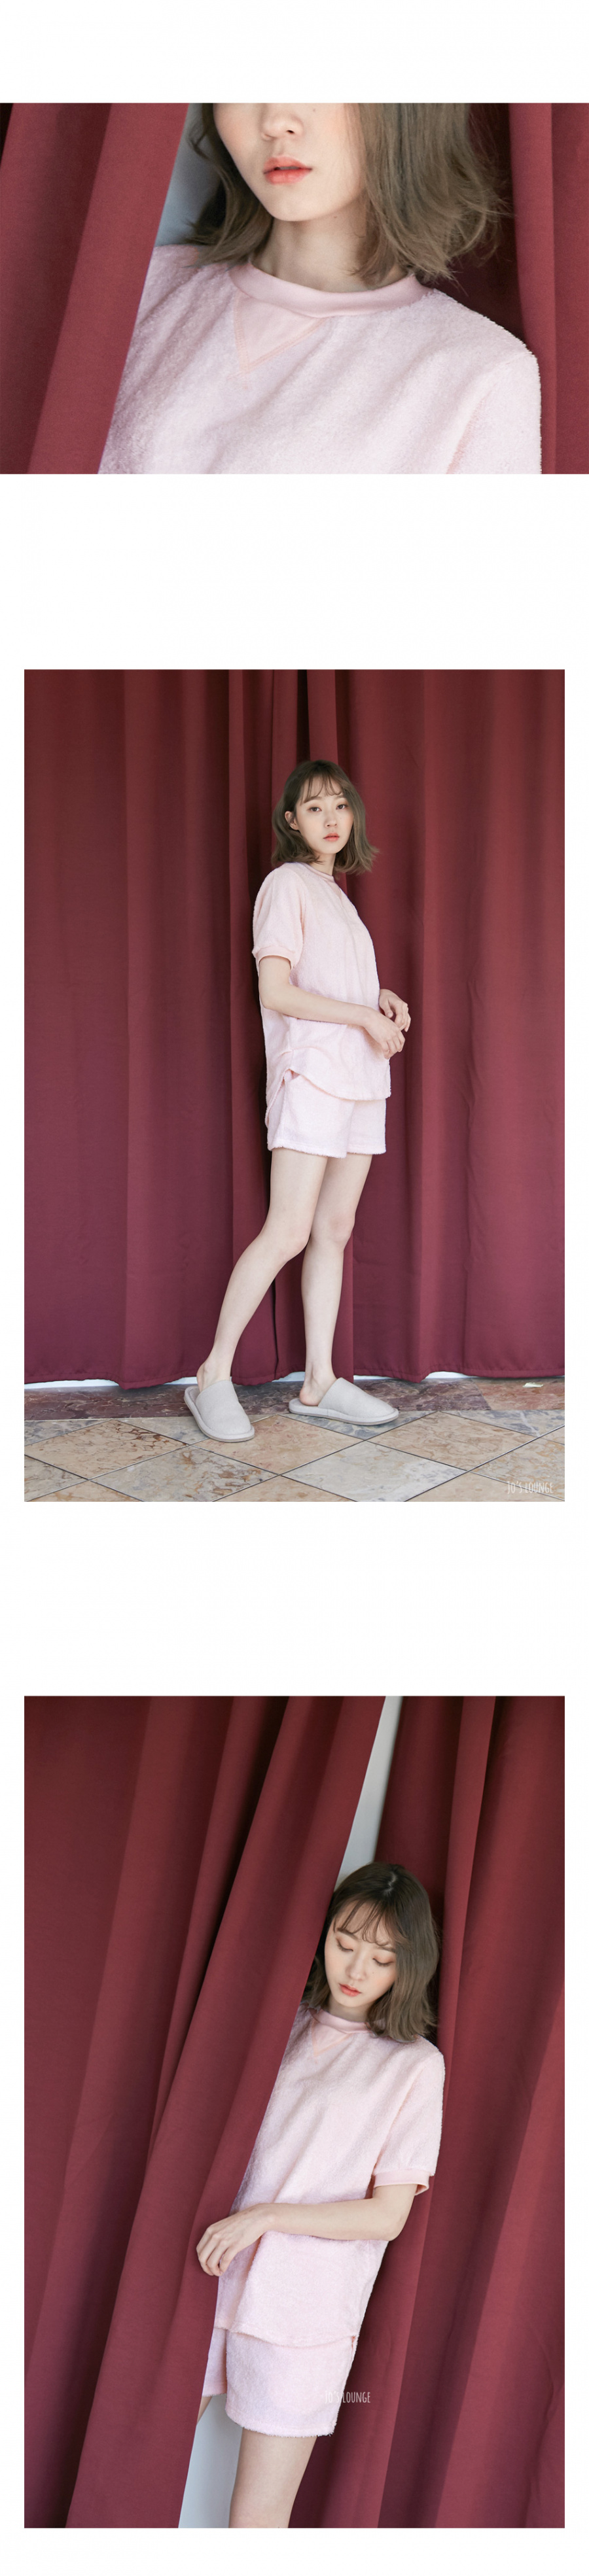 조스라운지(JOSLOUNGE) [여성] 테리 라운지 투피스